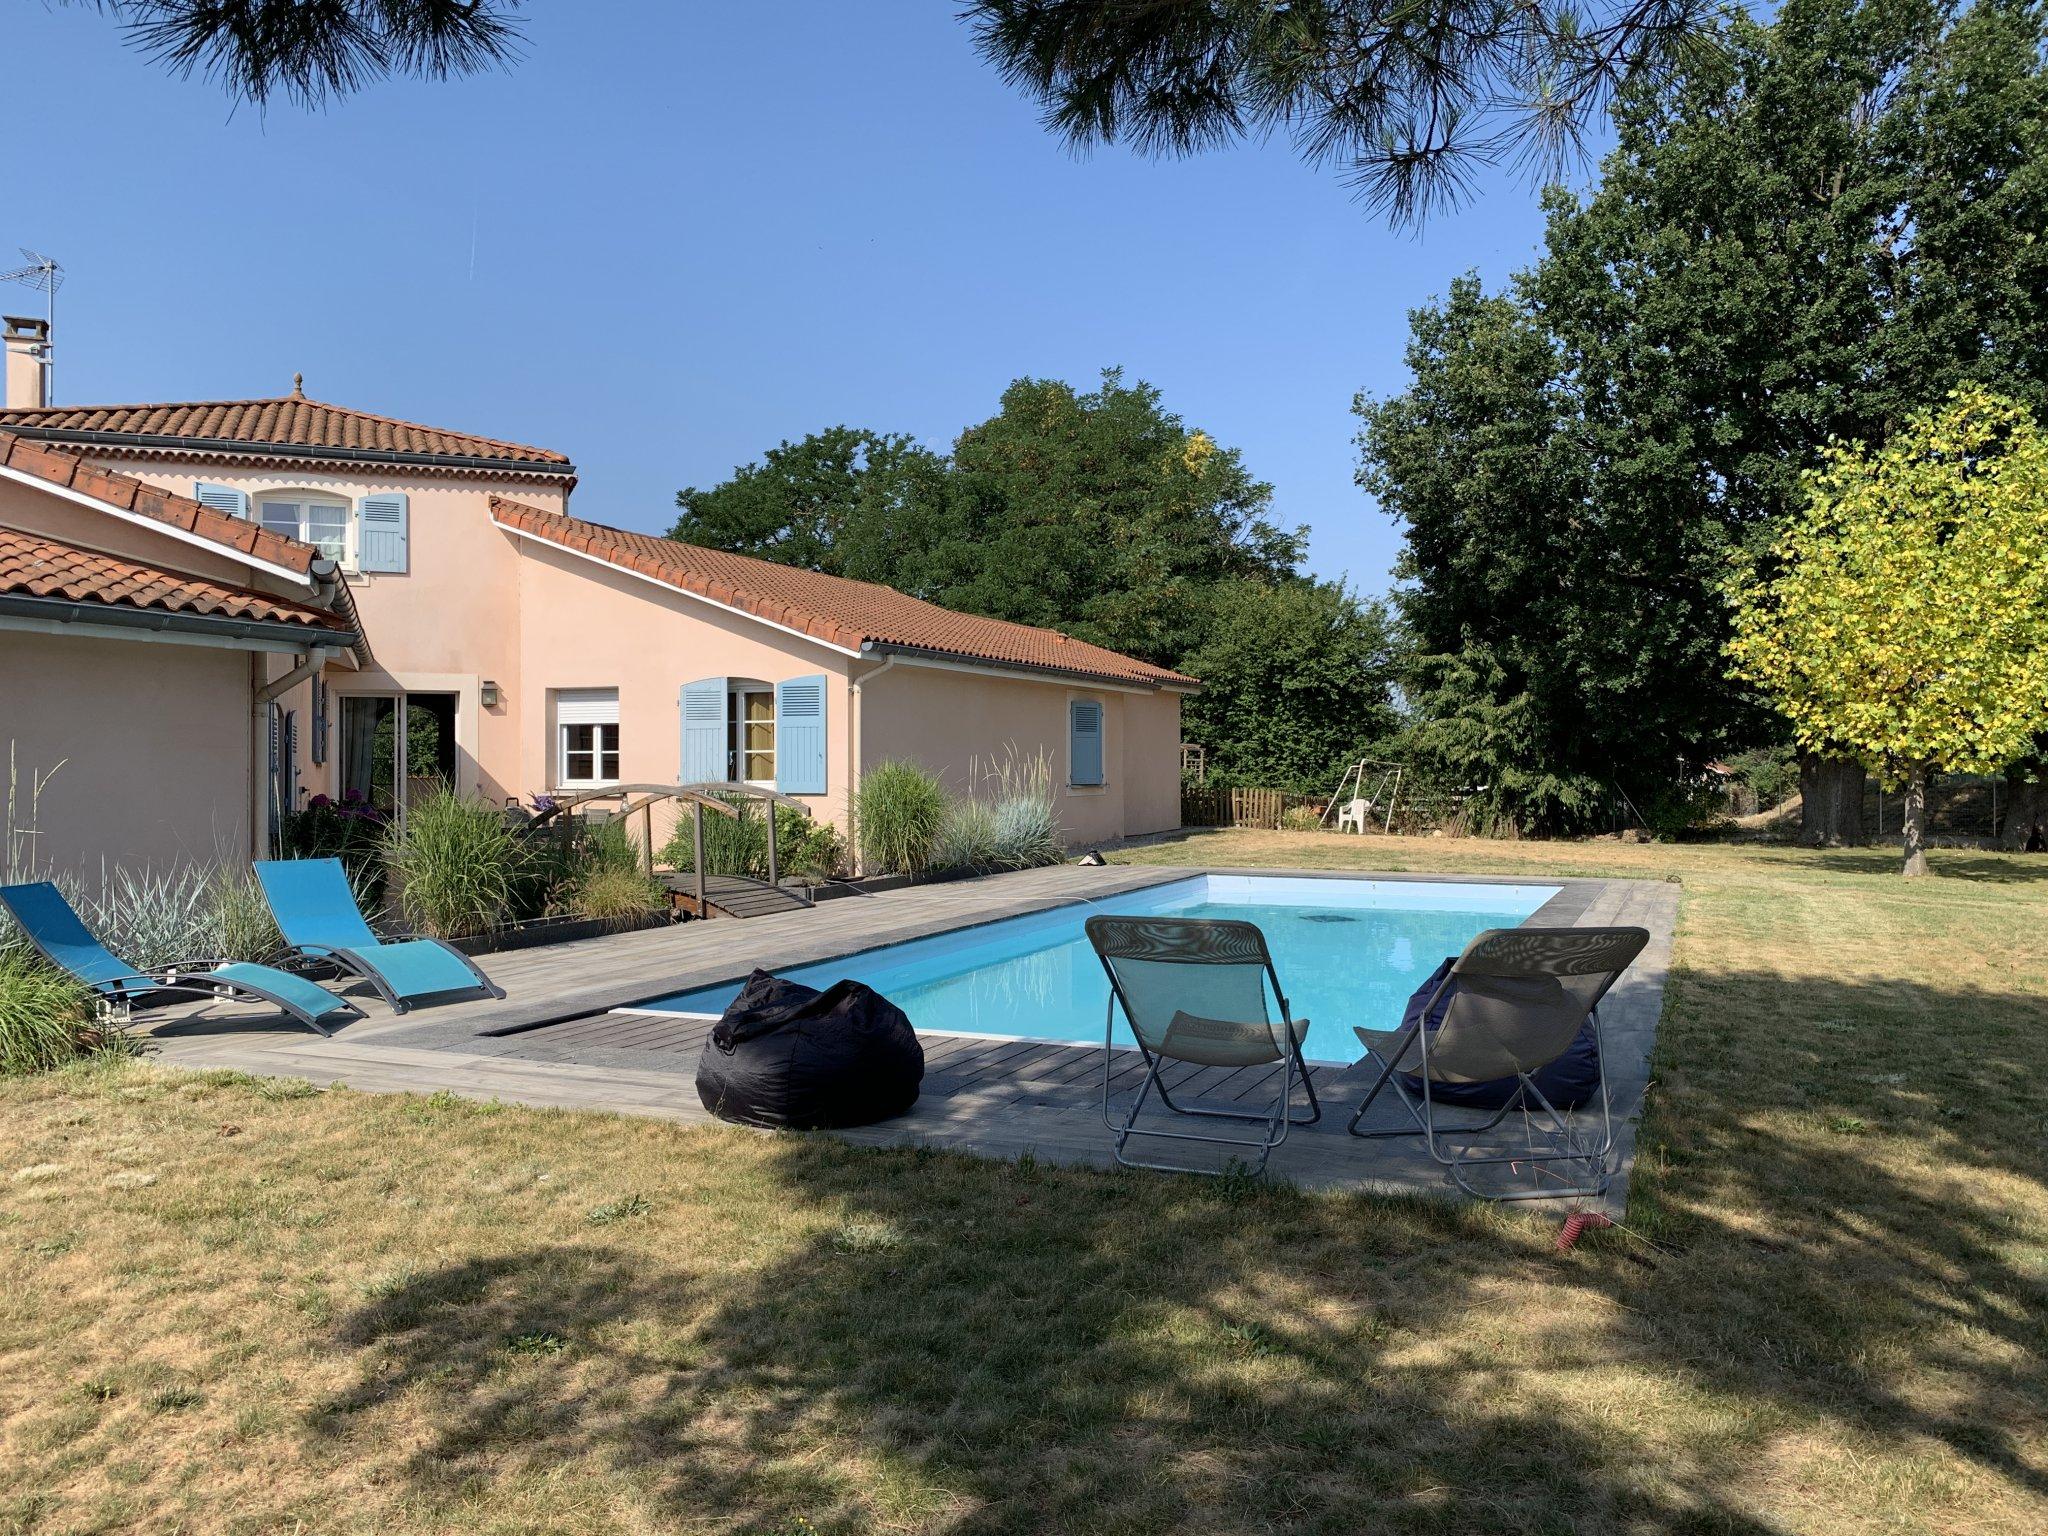 Andrezieux Bouthéon Maison De Plein Pied Avec Piscine 428.000€ concernant Piscine Andrezieux